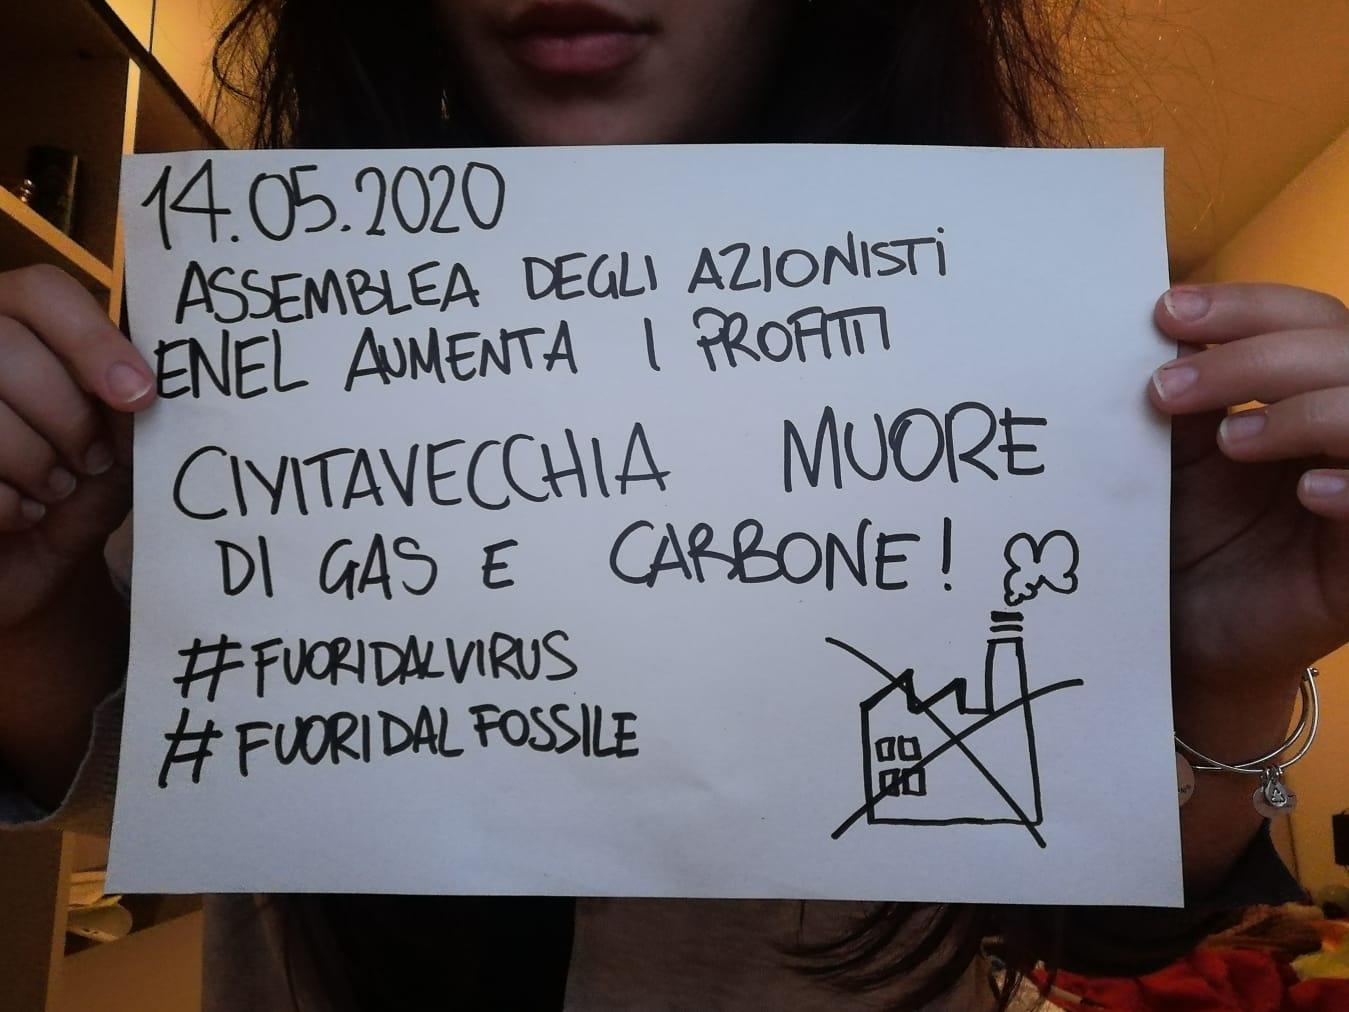 """Enel, iniziativa di """"NO al fossile""""contro assemblea azionisti"""